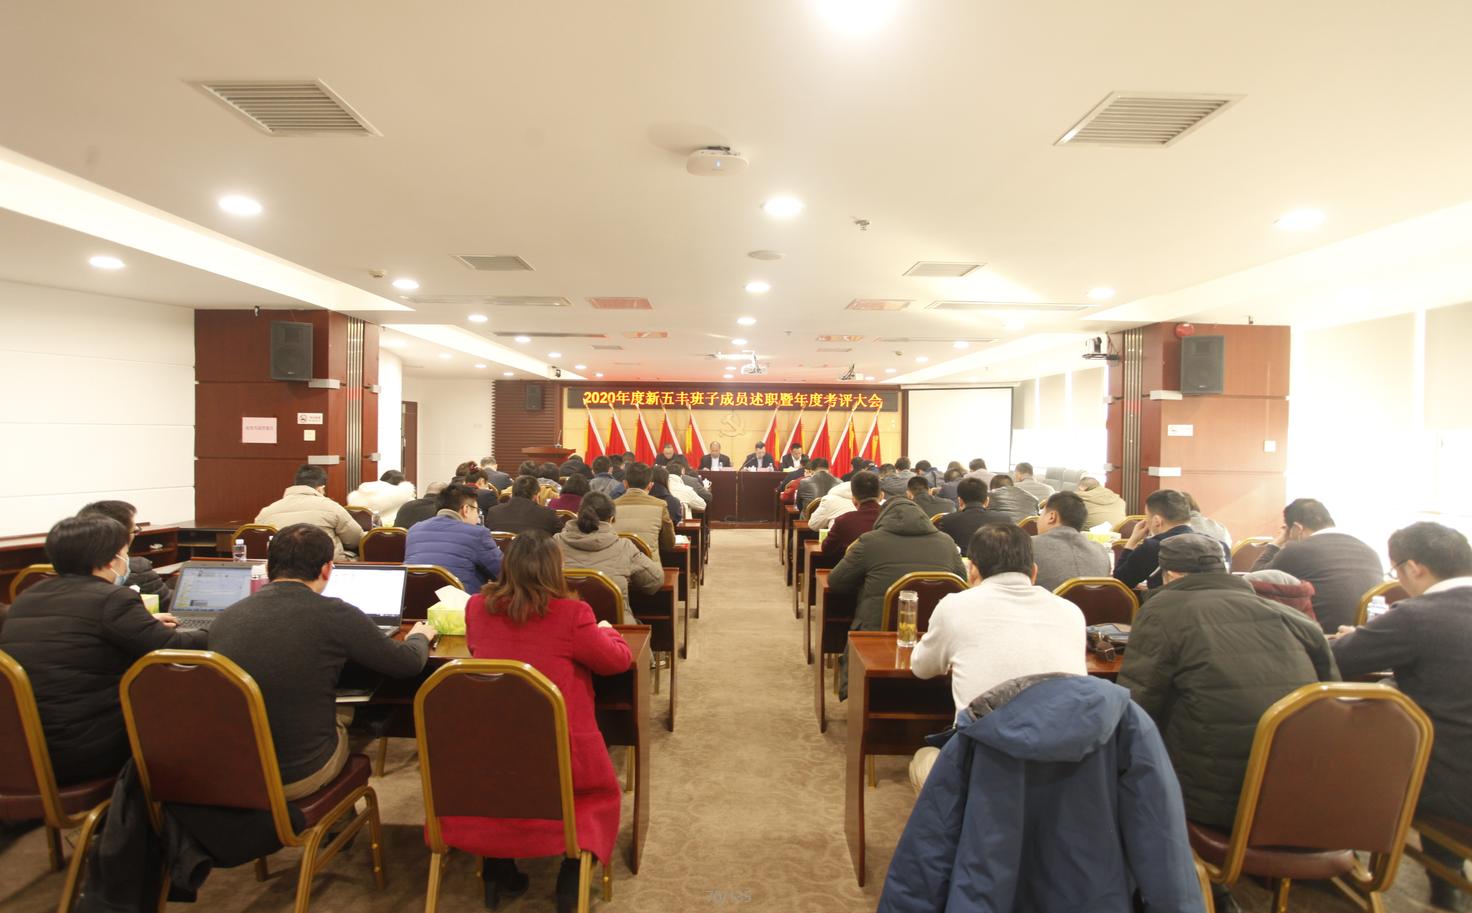 湖南新五豐股份有限公司召開2020年度班子成員述職暨年度考評大會